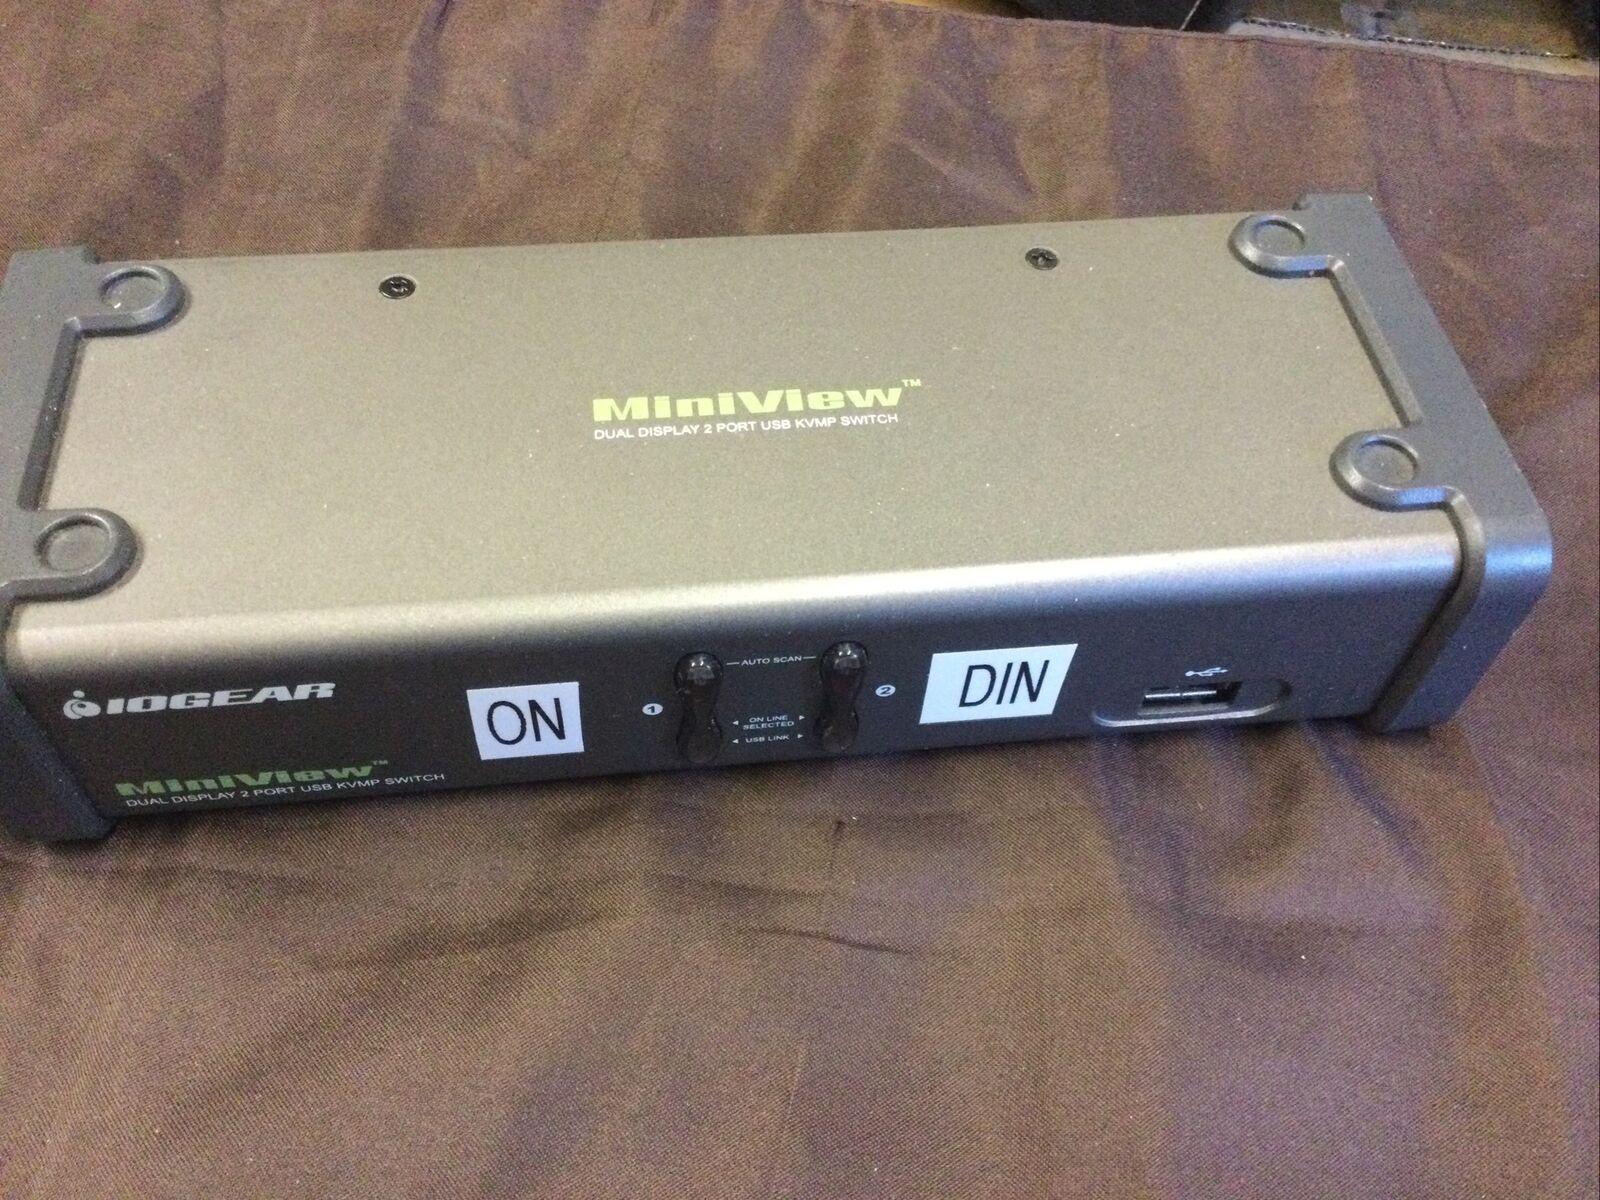 IOGEAR MiniView Dual Display 2 Port USB KVMP Switch GCS1742